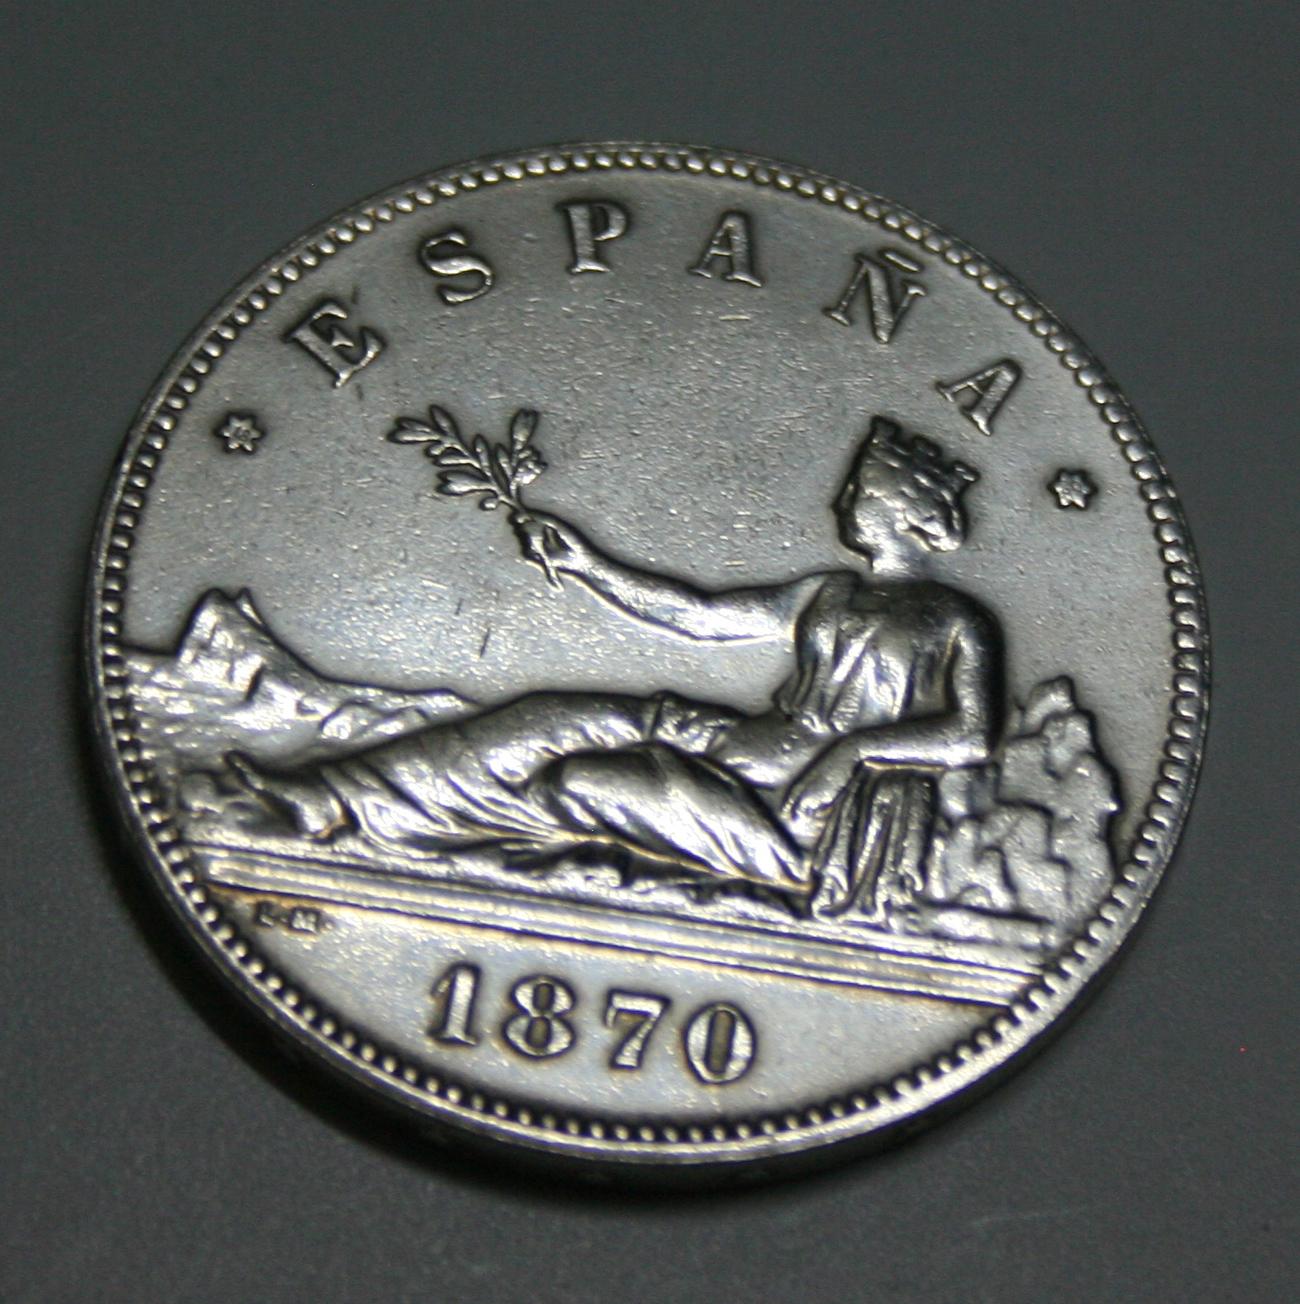 5 pesetas 1870 Falsa de epoca? o ni eso! 5lwft1